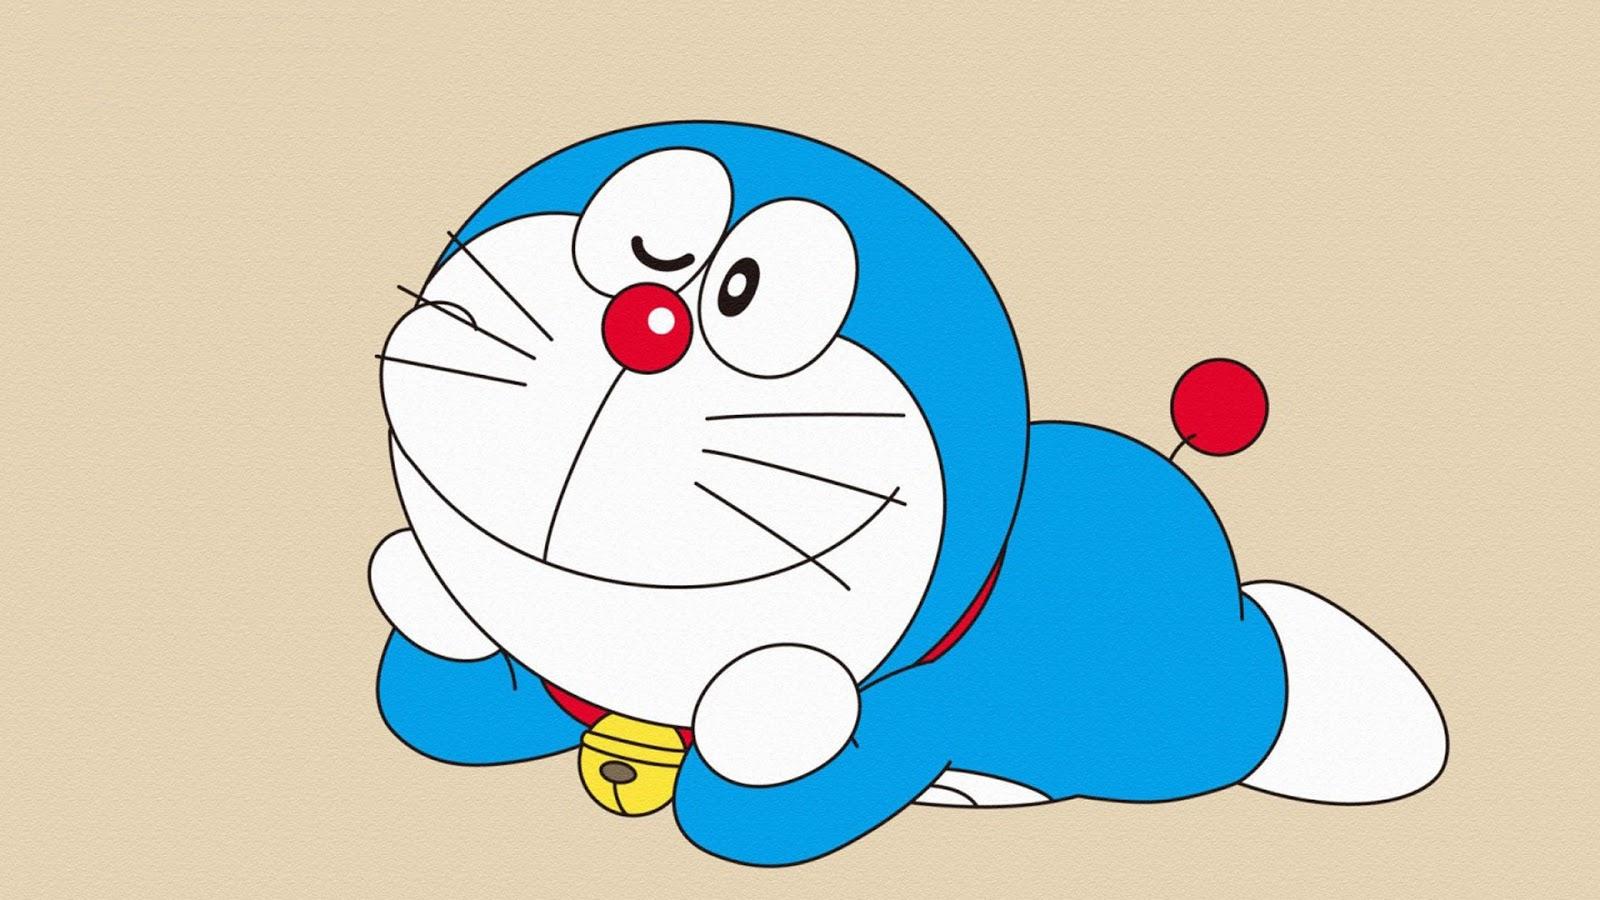 Daftar Lengkap Nama dan Karakter Dalam Doraemon